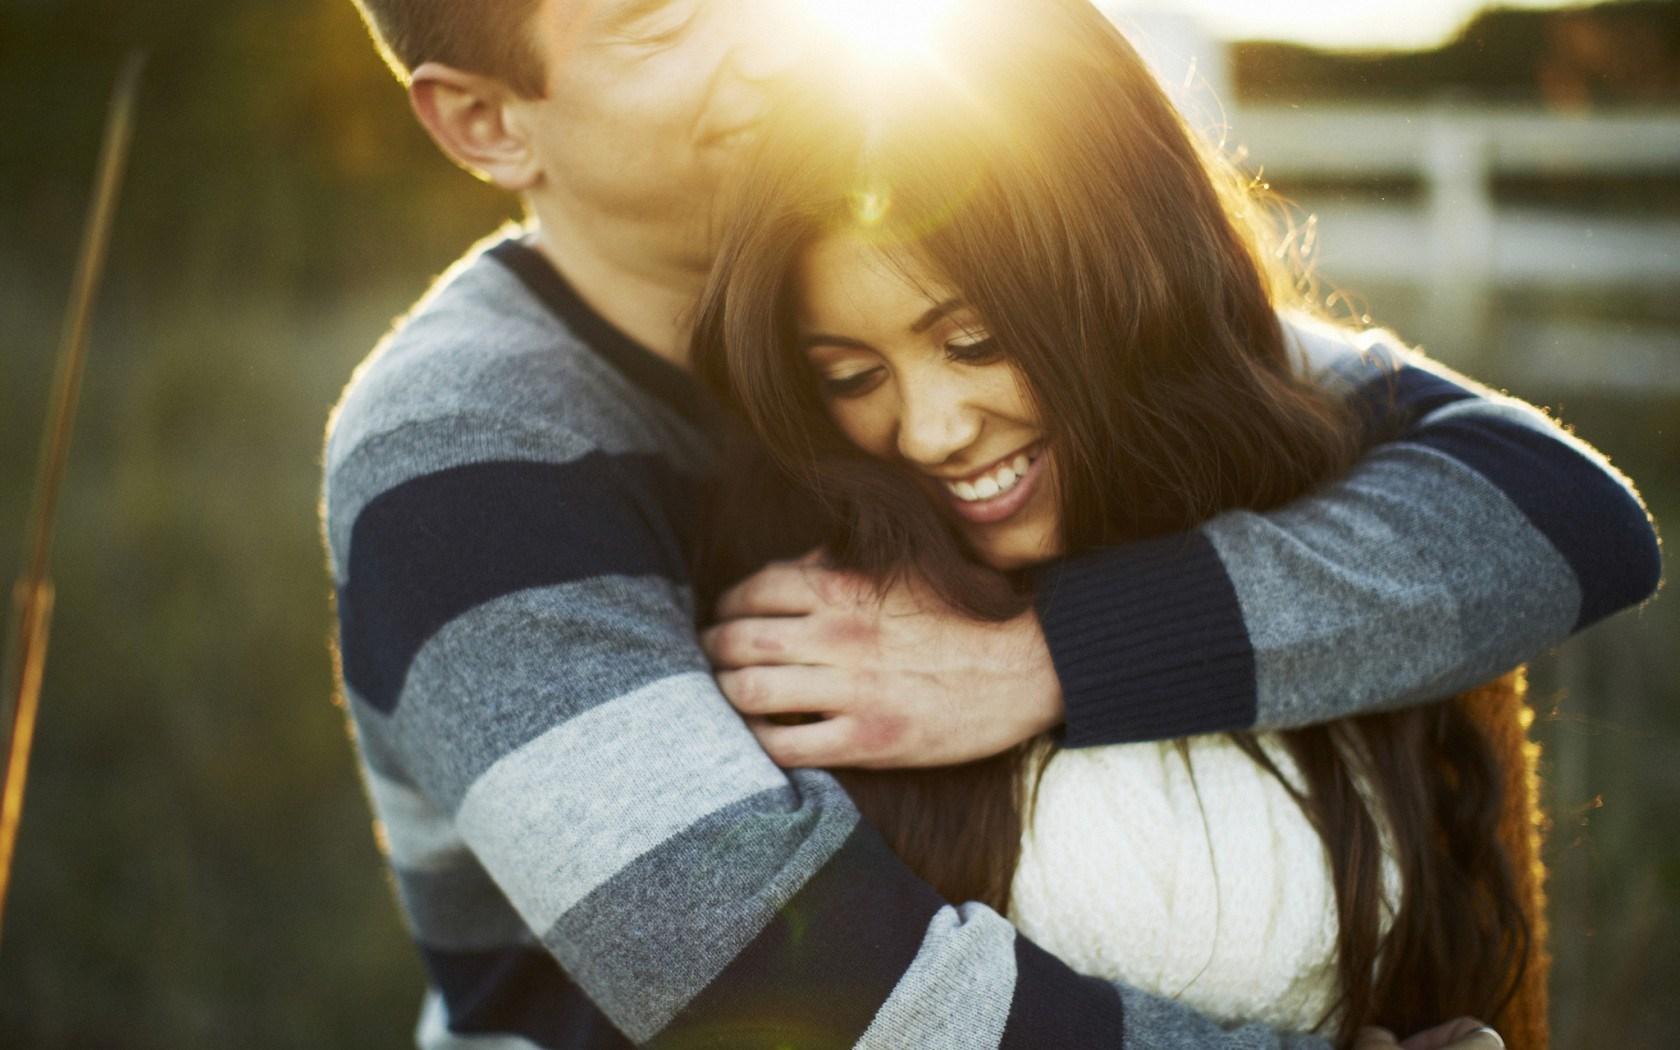 6920171-girl-boy-couple-love-hug